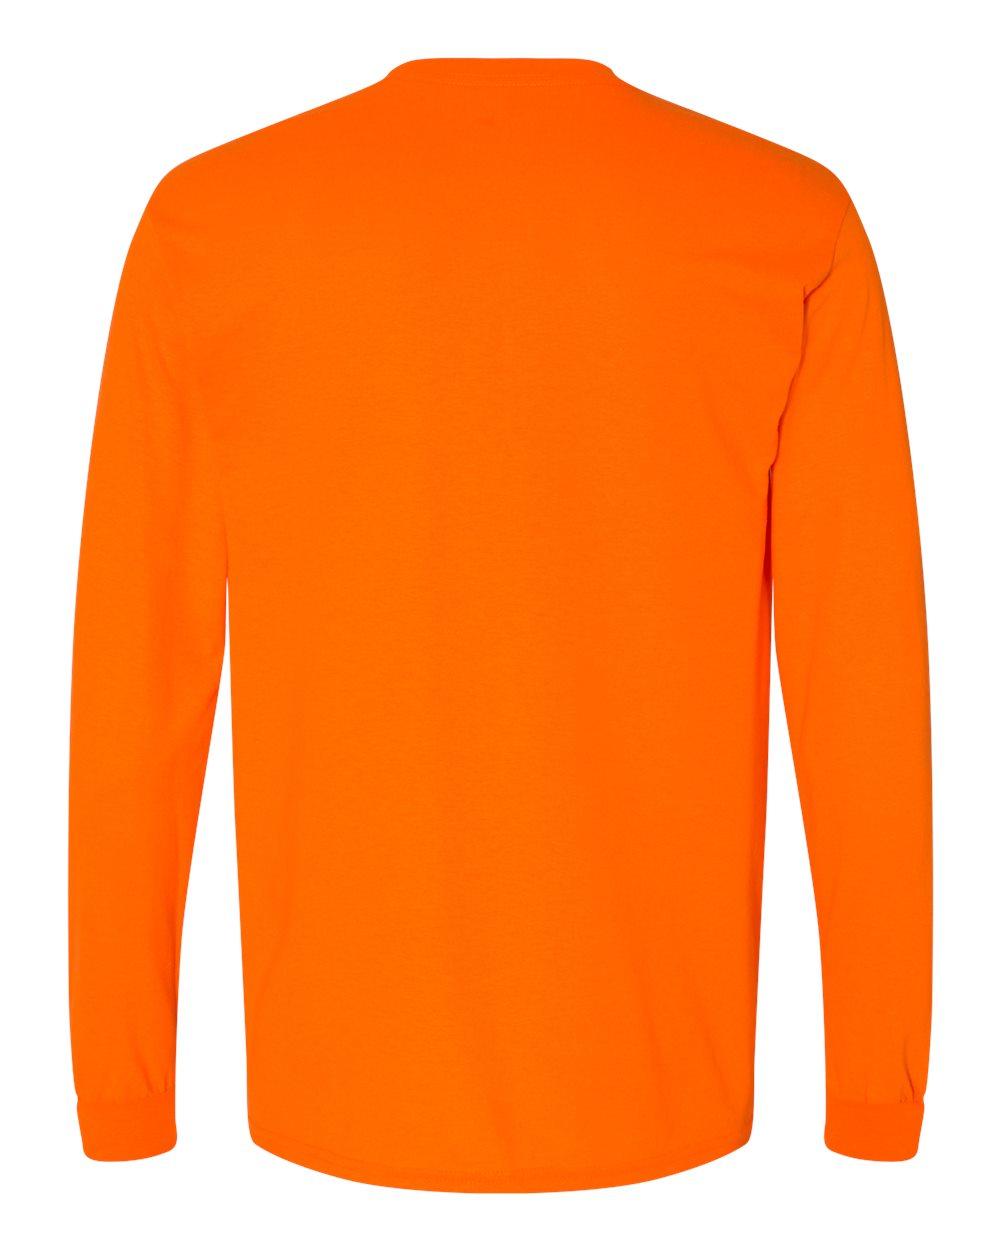 Gildan-Mens-Blank-DryBlend-50-50-Cotton-Long-Sleeve-T-Shirt-8400-up-to-3XL miniature 43